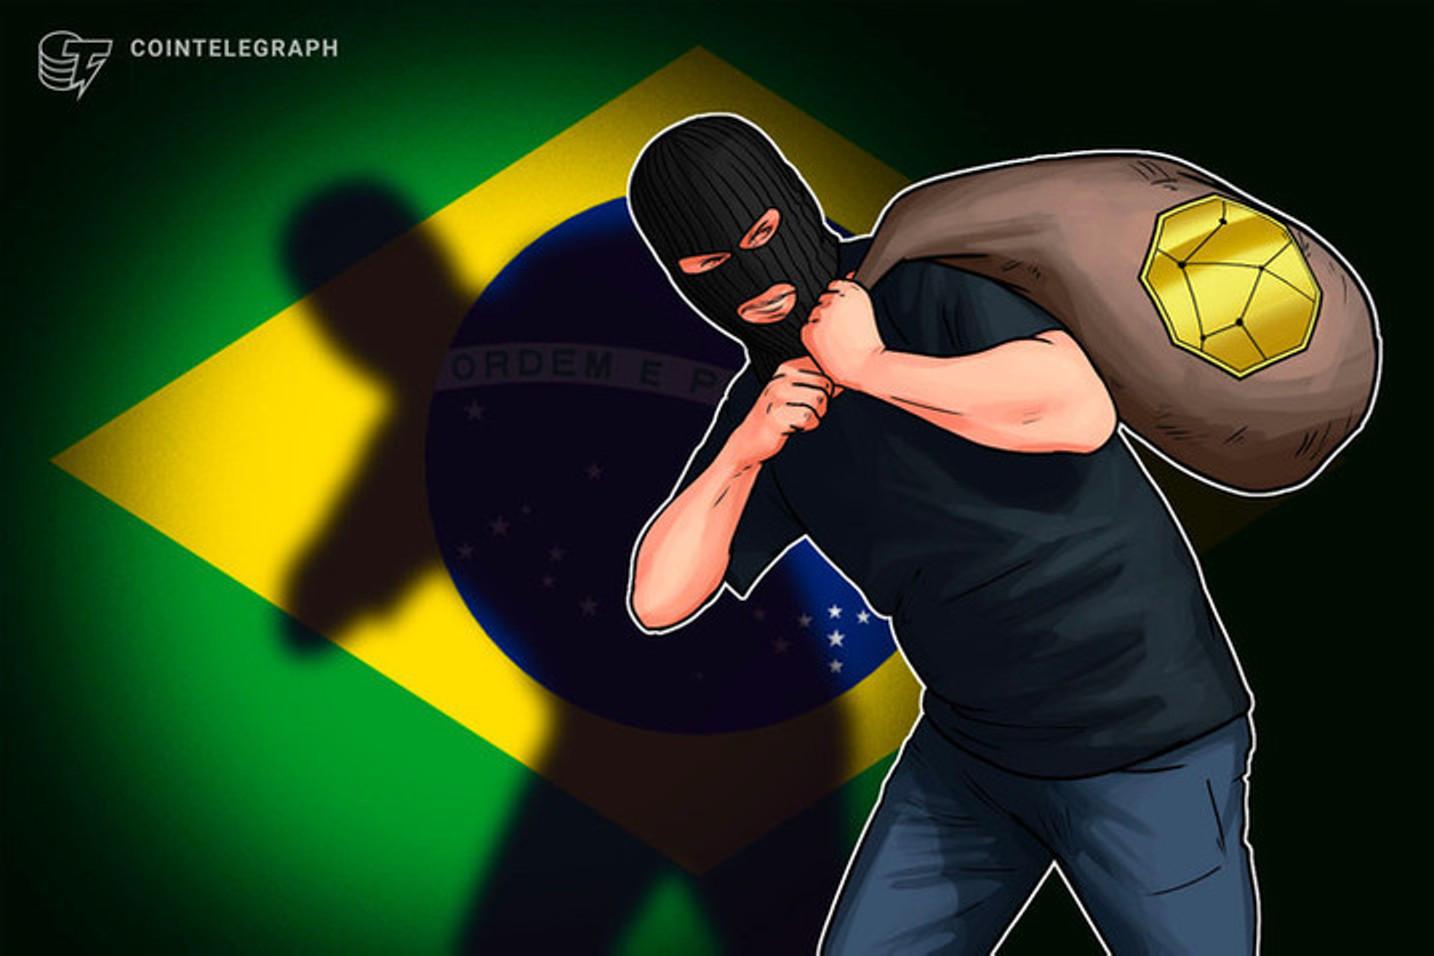 Policia prende Jonas Jaimovic considerado o maior piramideiro do Brasil que enganou até Neymar e Zico